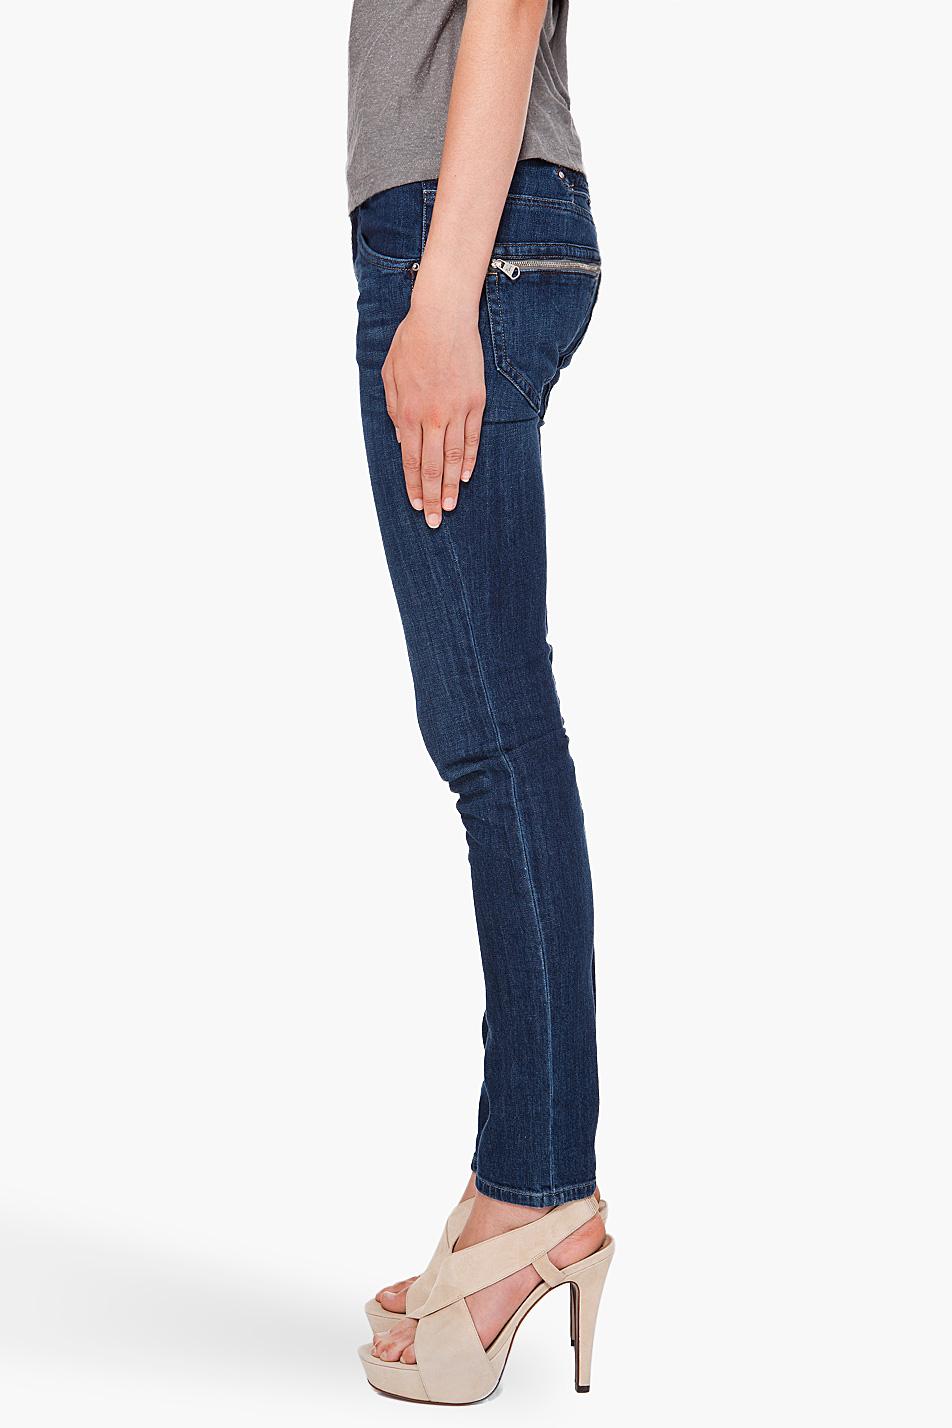 b0ff1290 DIESEL Clushy 67x Jeans in Blue - Lyst